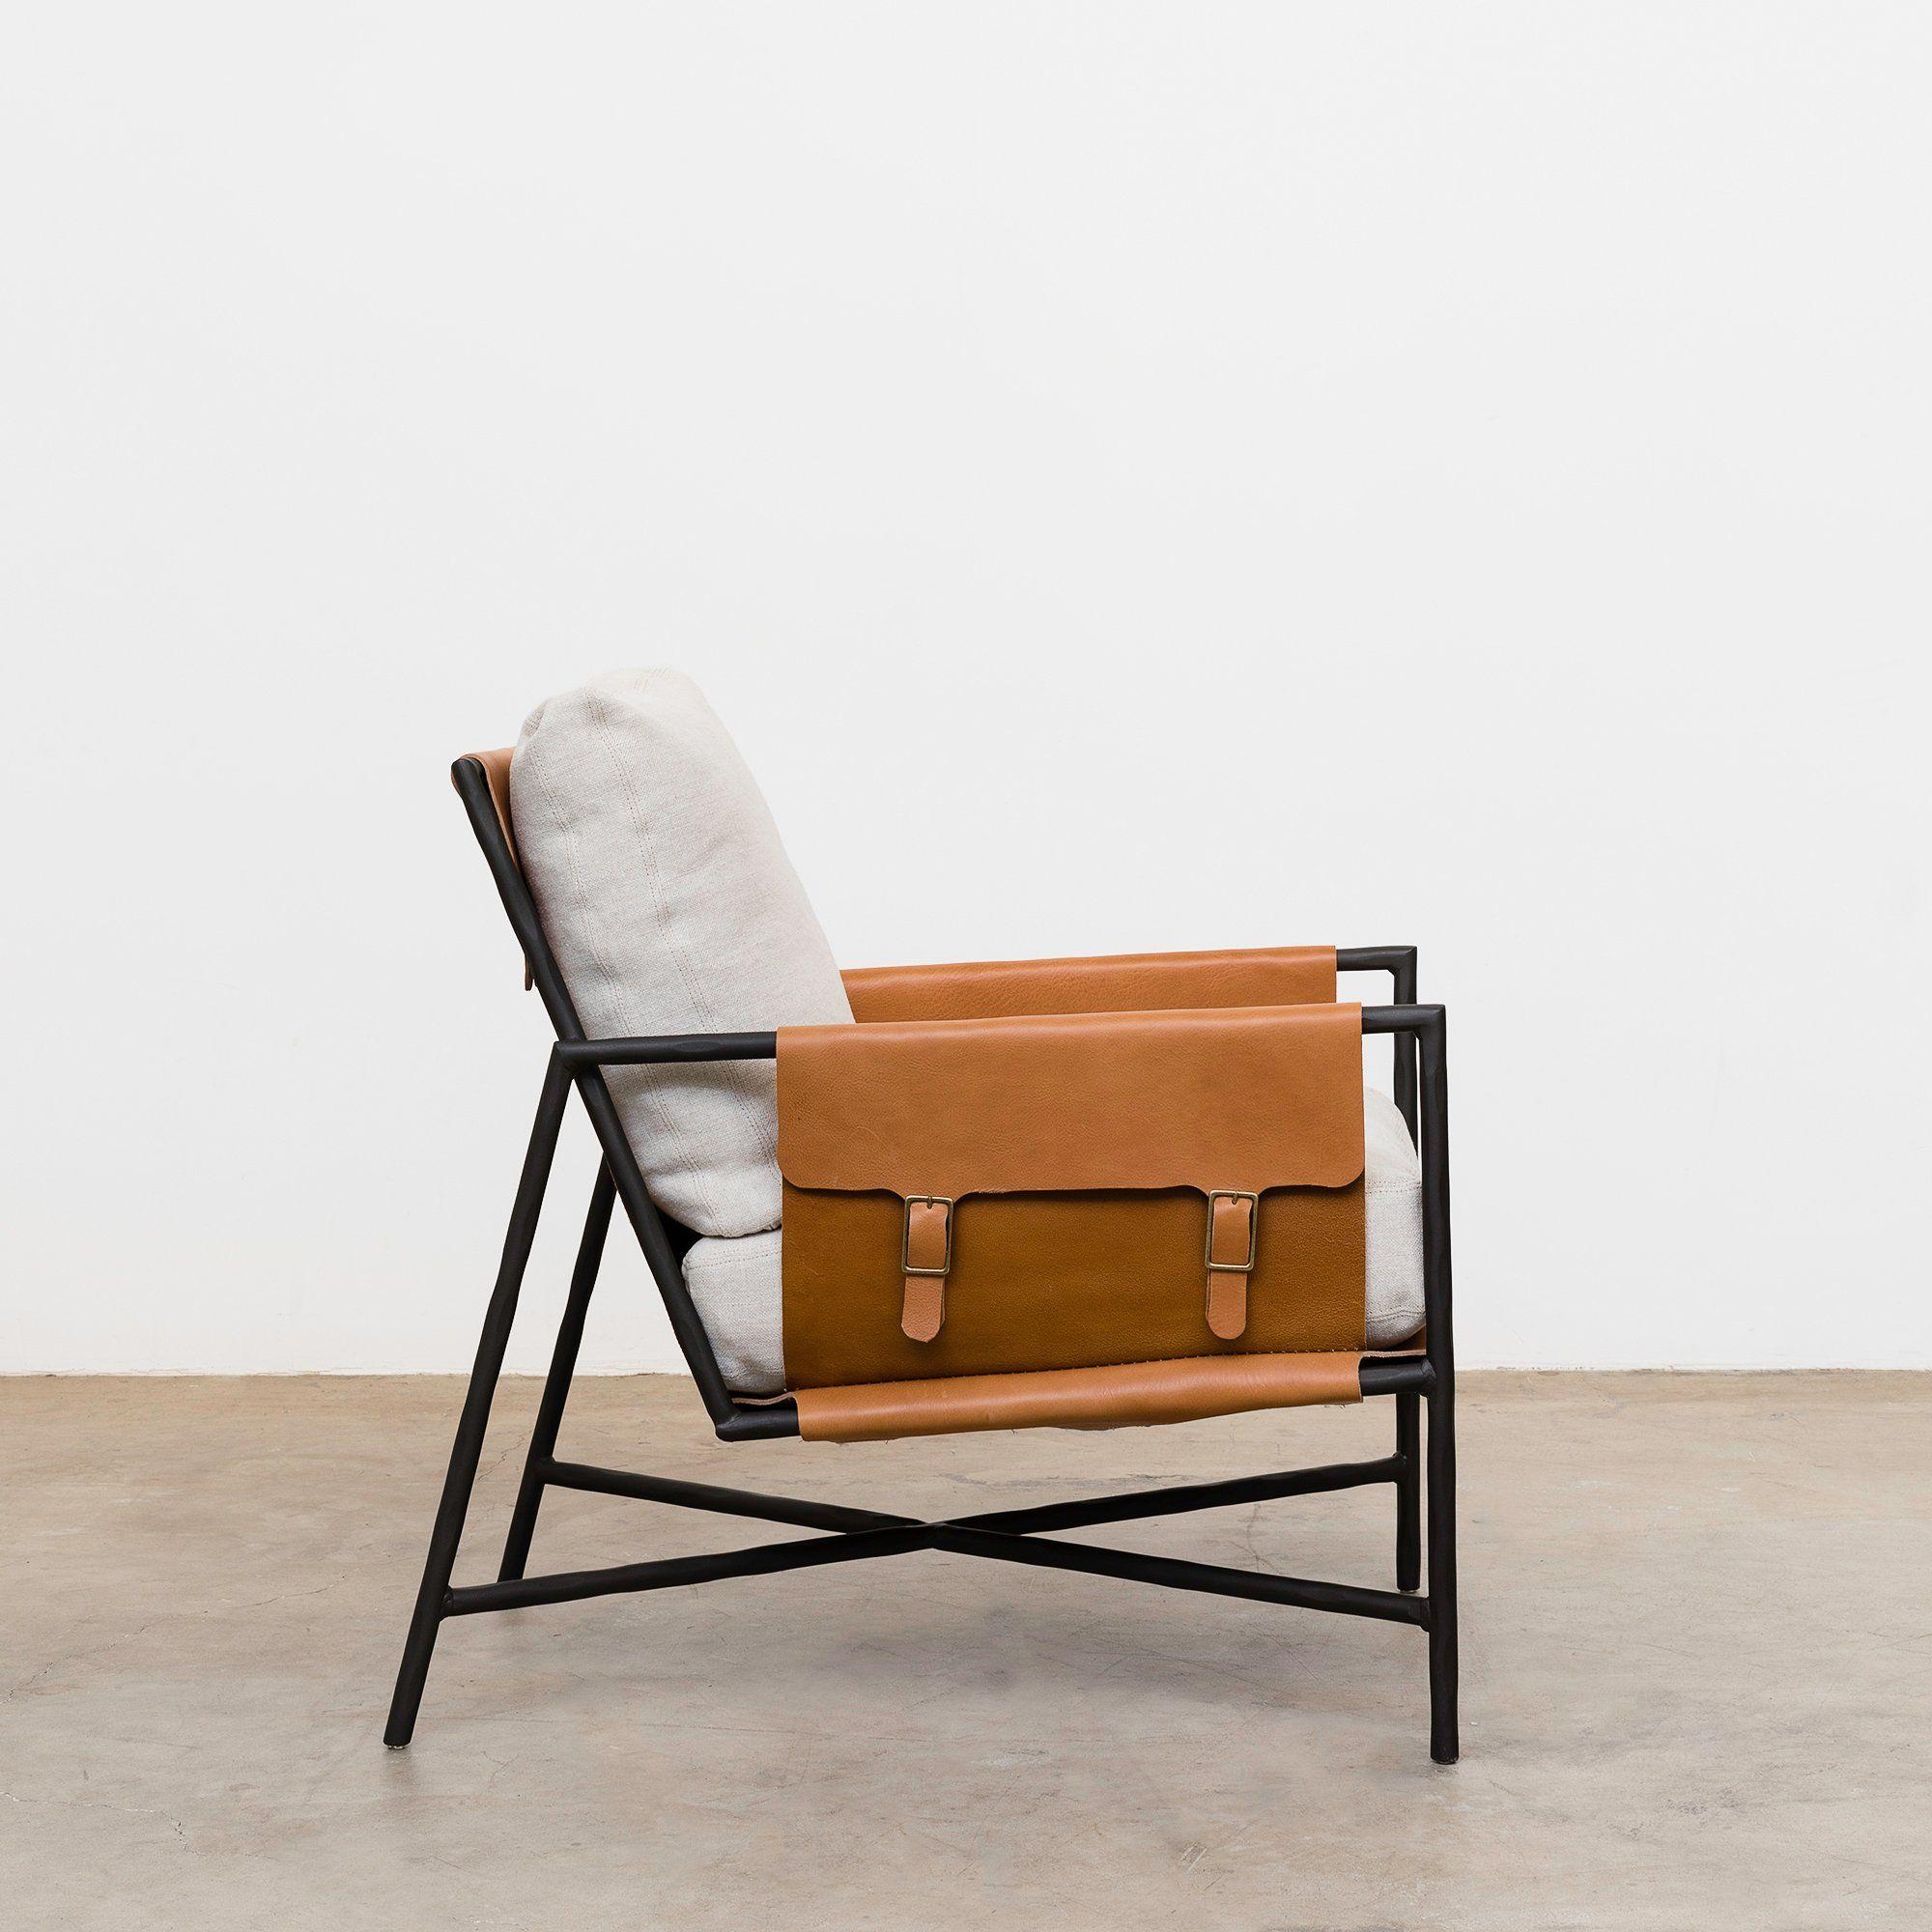 Morrow Leather Chair Leather Chair Leather Chaise Lounge Chair